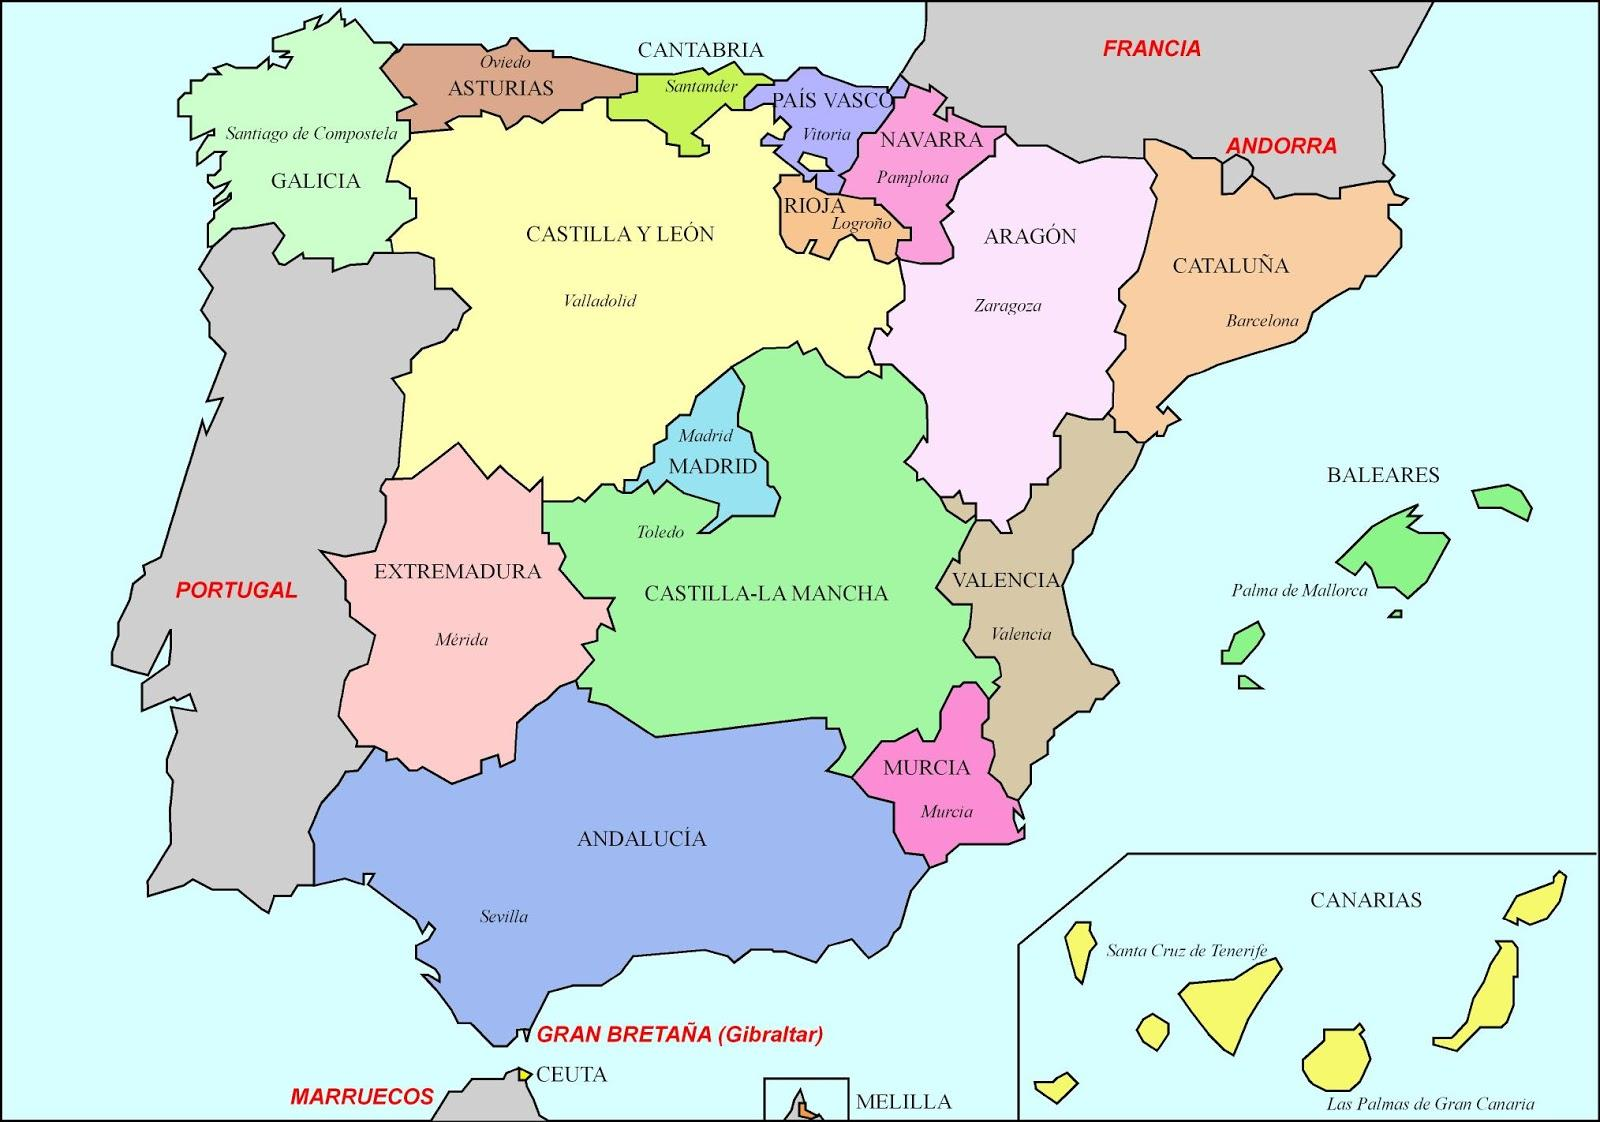 kart over andorra Middelalderens Spania kart   Kart over Spania middelalderen (Sør  kart over andorra